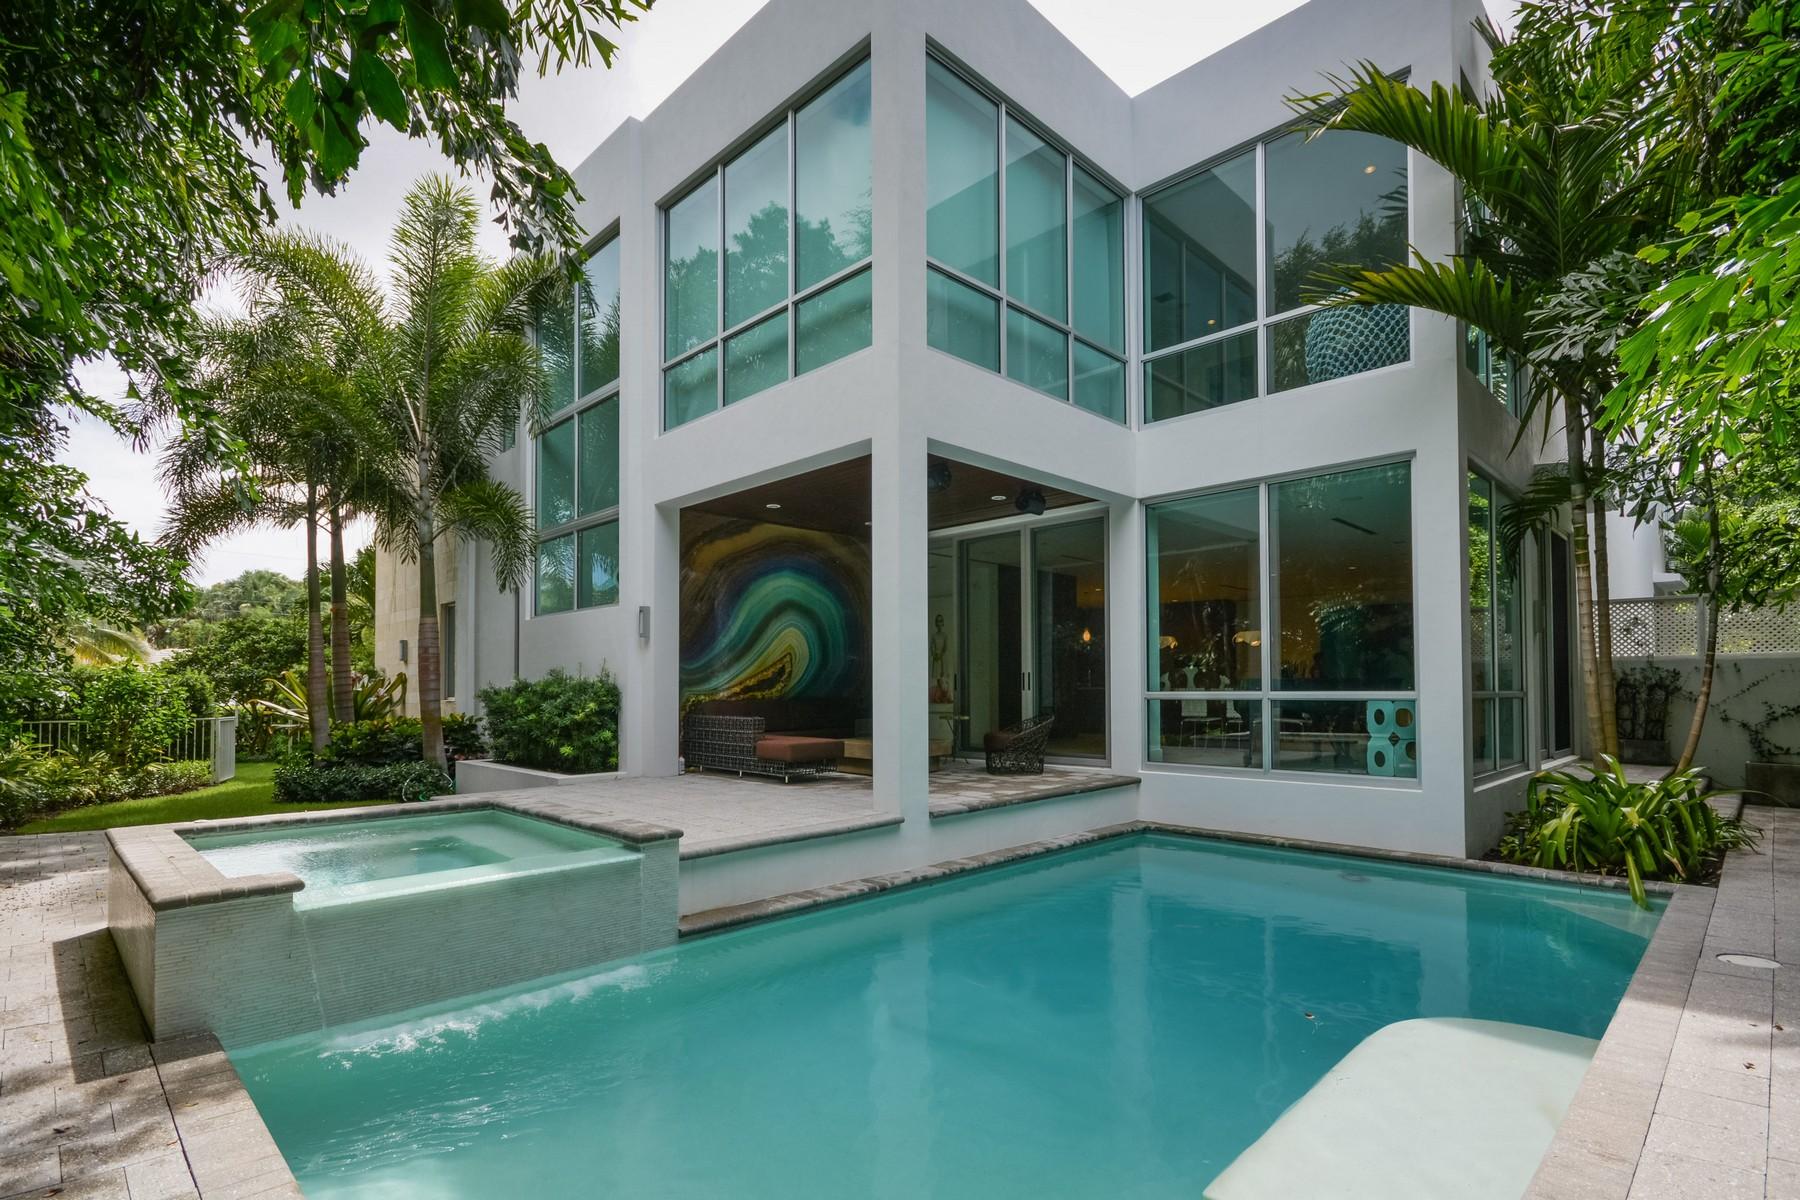 独户住宅 为 销售 在 1011 Bucida Rd , Delray Beach, FL 33483 1011 Bucida Rd 德尔雷比奇海滩, 佛罗里达州 33483 美国